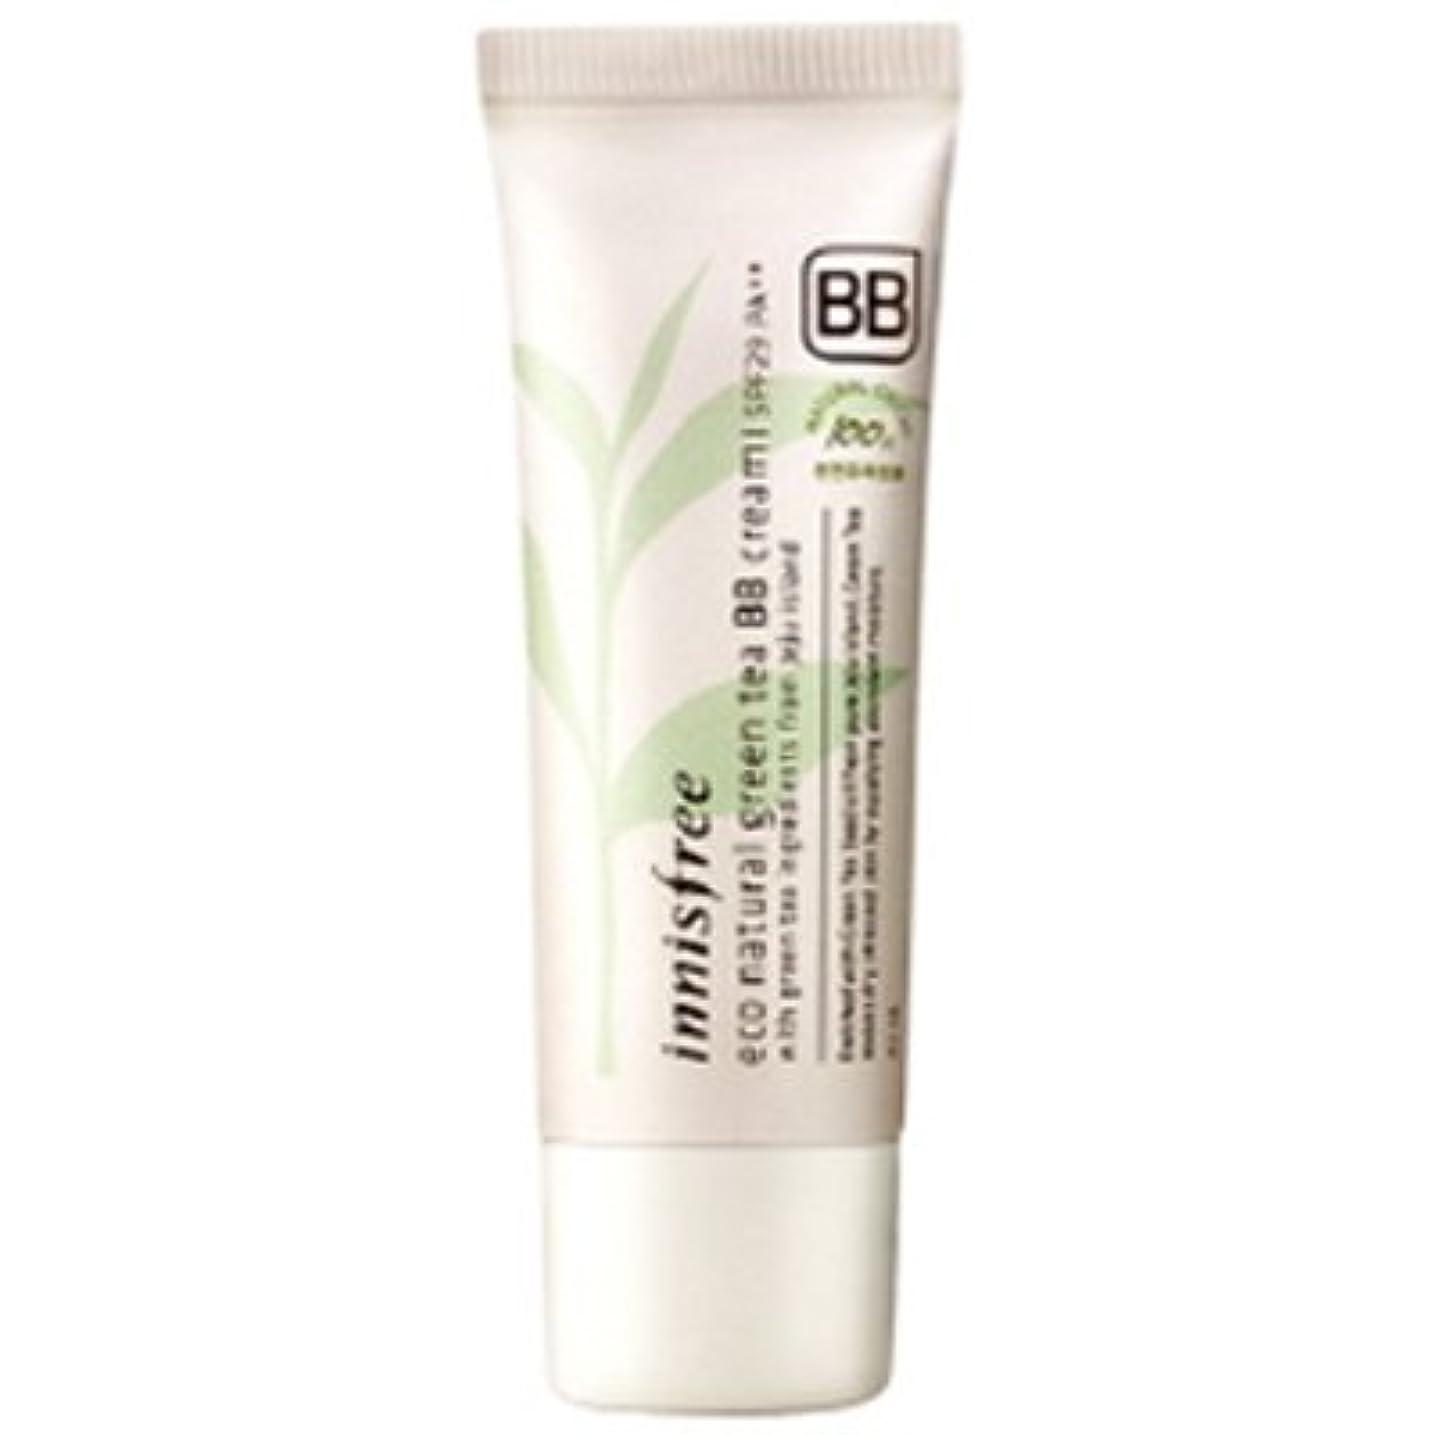 innisfree(イニスフリー) Eco natural green tea BB cream エコ ナチュラル グリーン ティー BB クリーム SPF29/PA++ 40ml #1:ライトベージュ